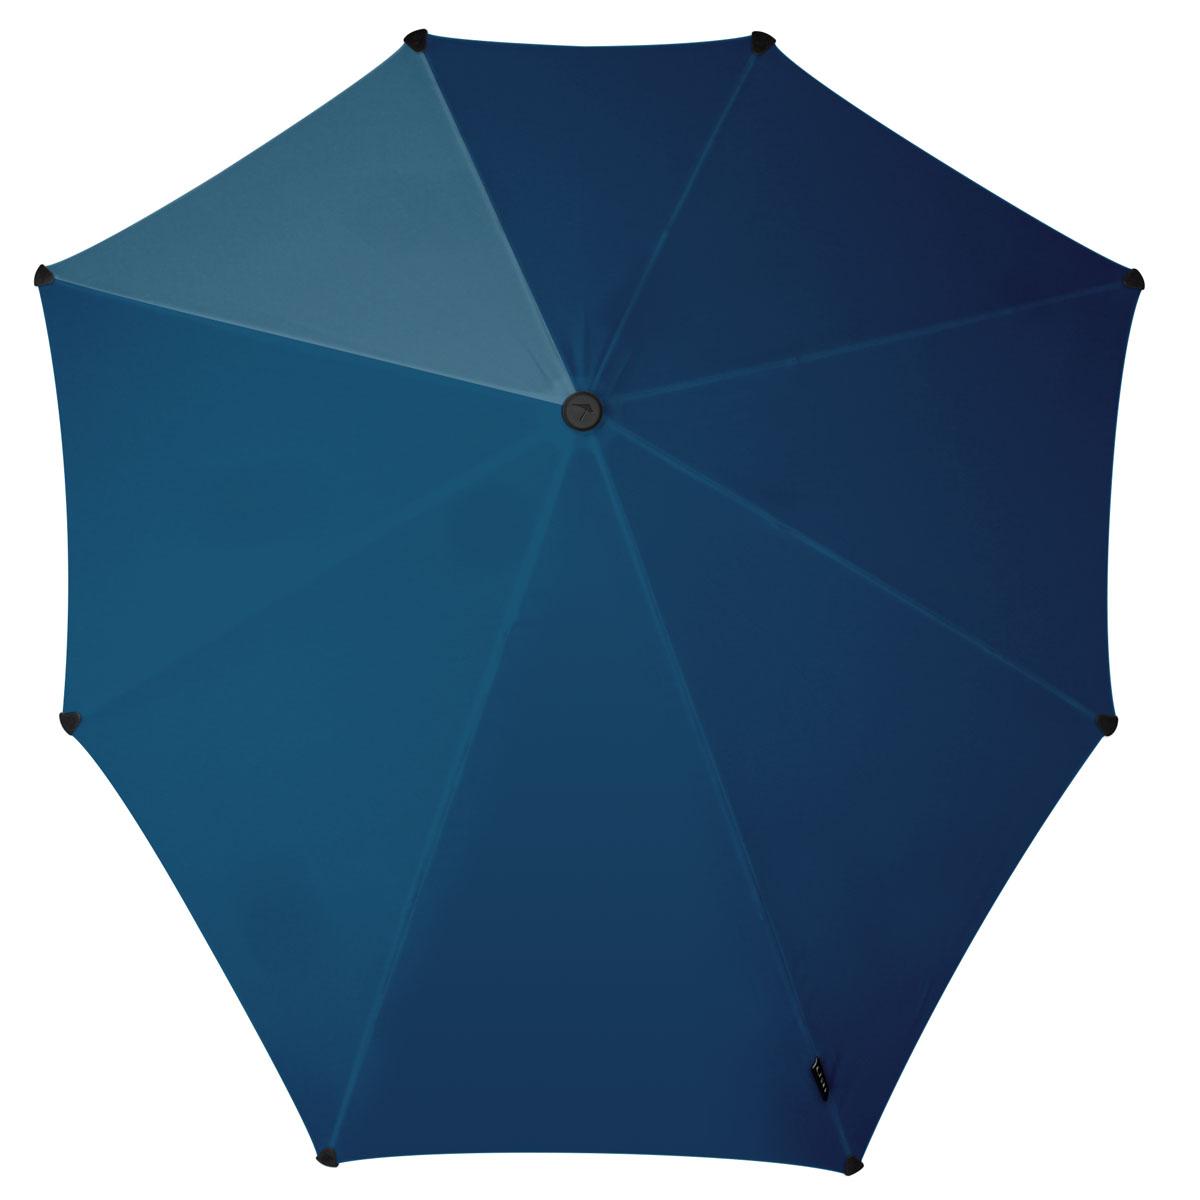 Зонт-трость Senz, цвет: темно-синий. 20110812011081Инновационный противоштормовый зонт, выдерживающий любую непогоду. Входит в коллекцию global playground, разработанную в соответствии с современными течениями fashion-индустрии. Вдохновением для дизайнеров стали улицы городов по всему земному шару. На новых принтах вы встретите уникальный микс всего, что мы открываем для себя во время путешествий: разнообразие оттенков, цветов, теней, линий и форм. Зонт Senz отлично дополнит образ, подчеркнет индивидуальность и вкус своего обладателя. Форма купола продумана так, что вы легко найдете самое удобное положение на ветру – без паники и без борьбы со стихией. Закрывает спину от дождя. Благодаря своей усовершенствованной конструкции, зонт не выворачивается наизнанку даже при сильном ветре. Модель Senz Original выдержала испытания в аэротрубе со скоростью ветра 100 км/ч. Характеристики: - тип — трость - выдерживает порывы ветра до 100 км/ч - УФ-защита 50+ - удобная мягкая ручка - безопасные...